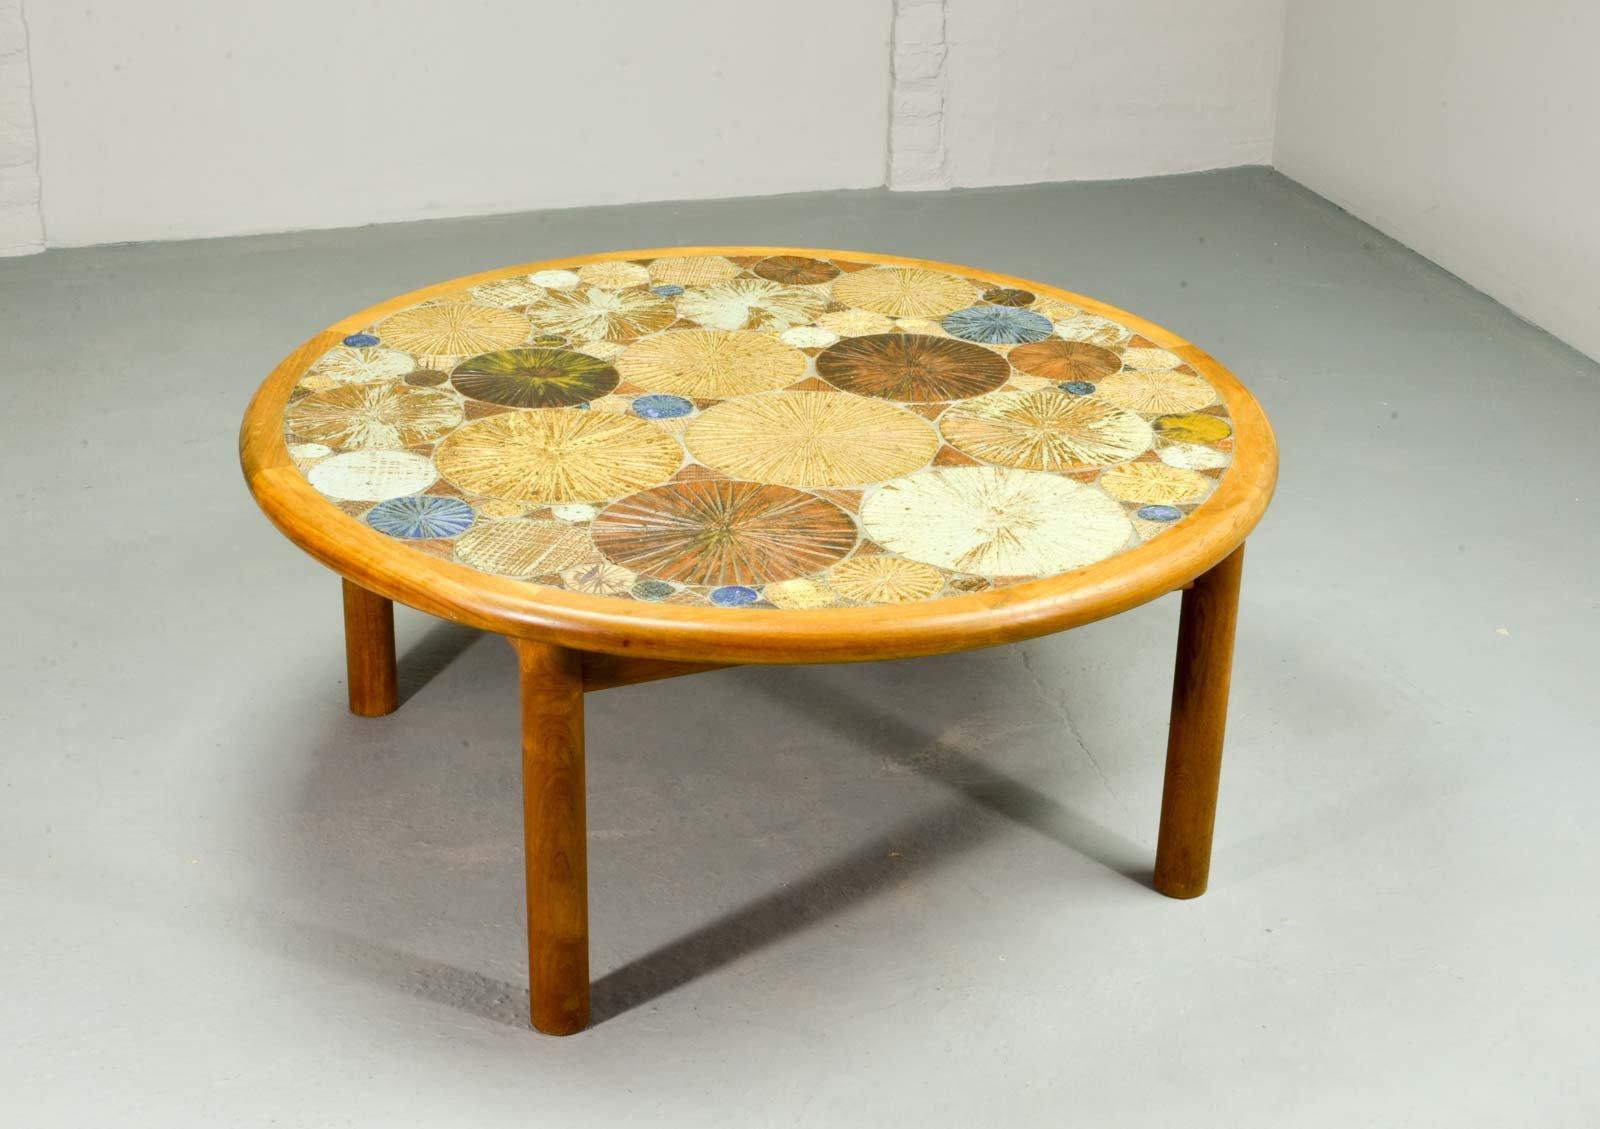 couchtisch mit kunst keramik fliesen von tue poulsen f r haslev 1960er bei pamono kaufen. Black Bedroom Furniture Sets. Home Design Ideas